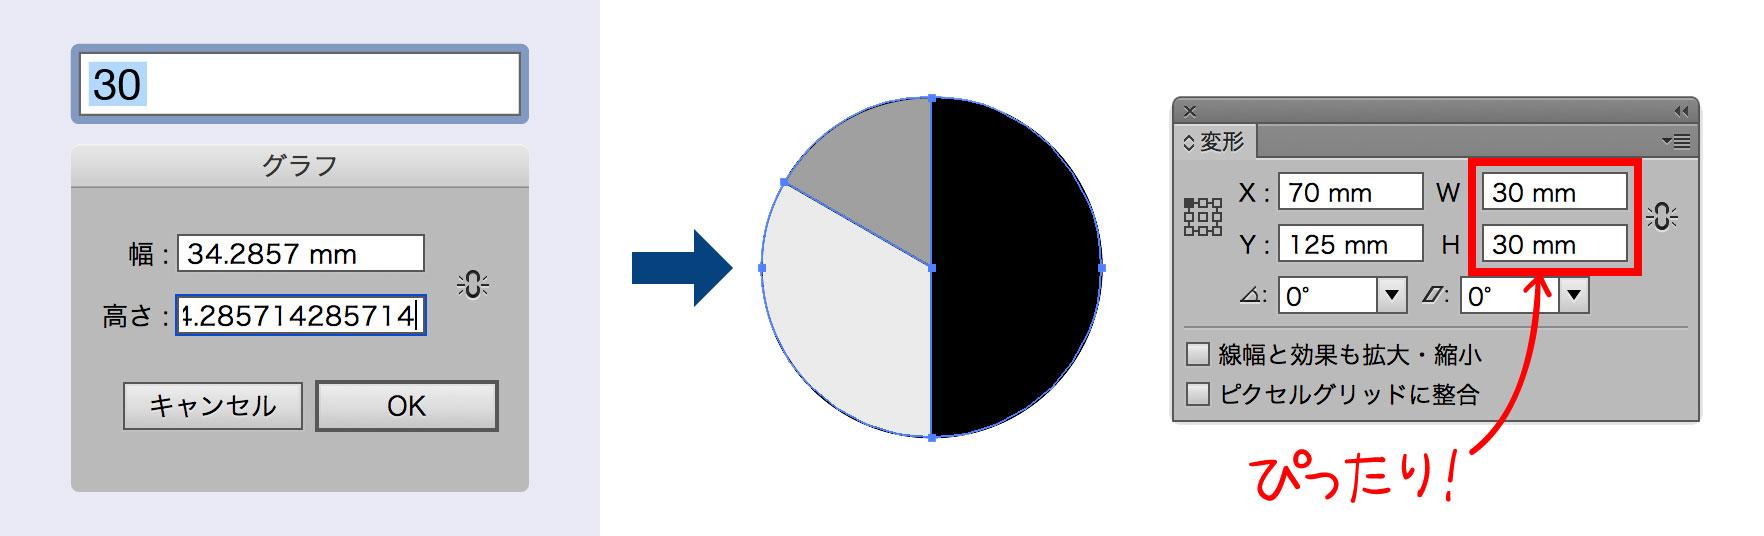 円グラフ準備スクリプト使用のイメージ図版